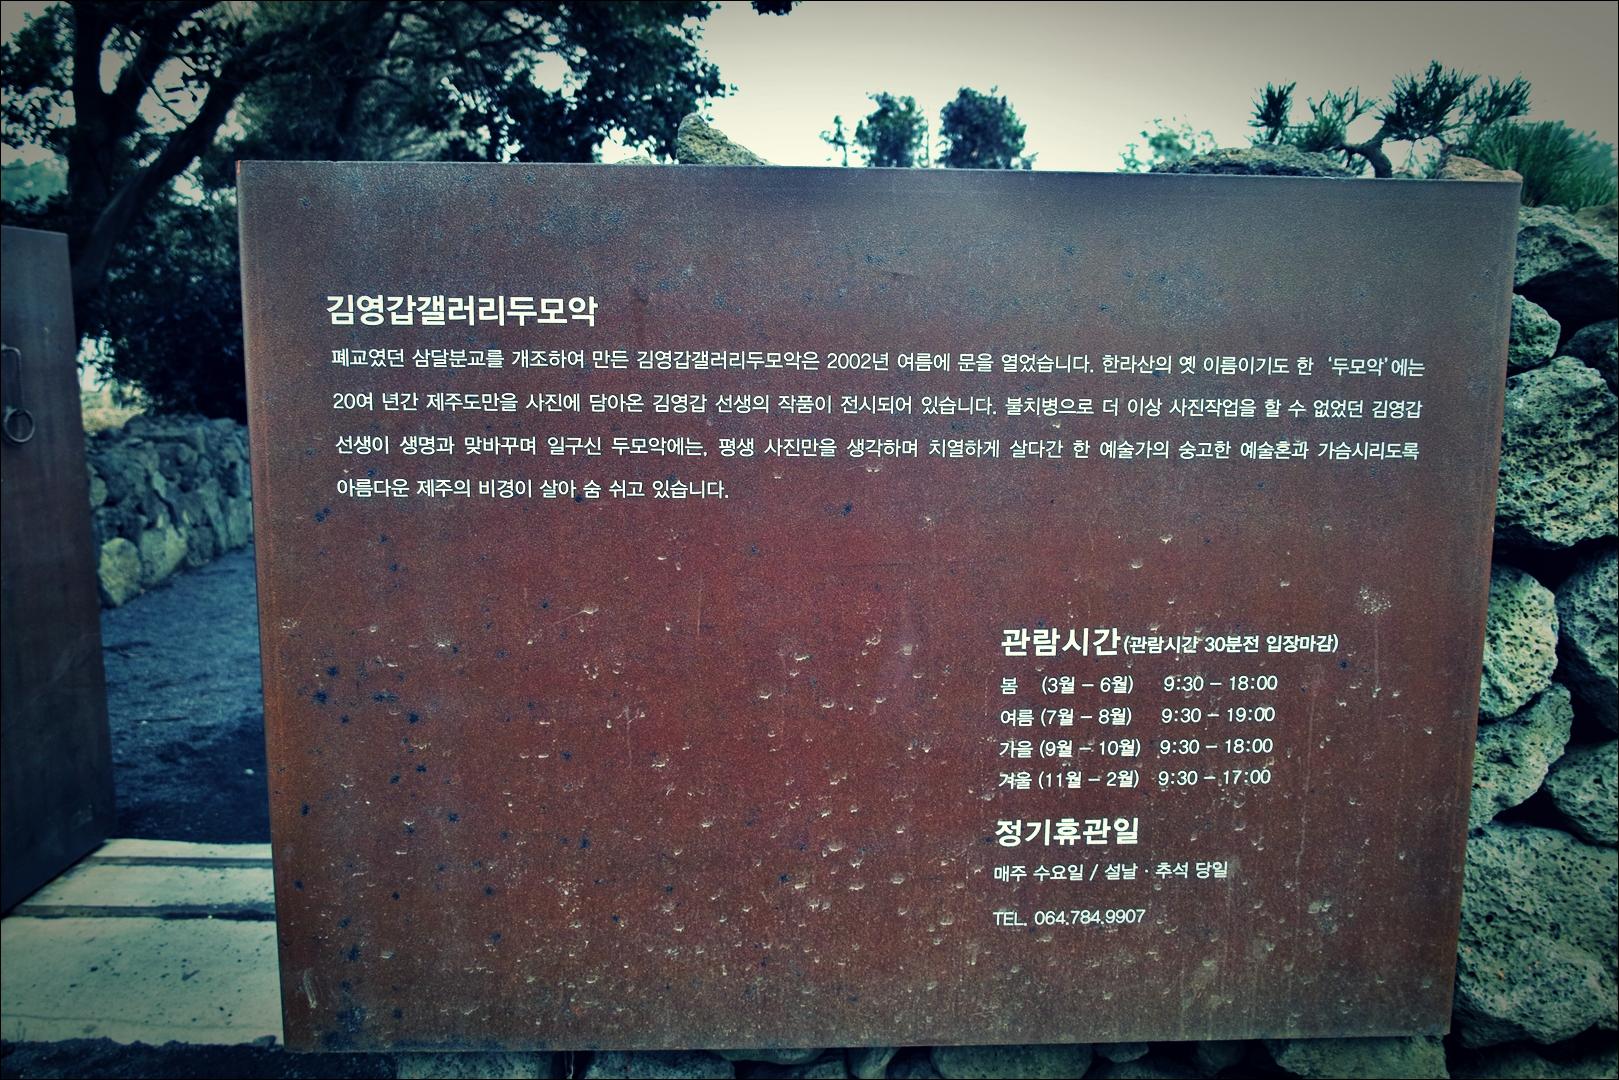 안내-'김영갑 갤러리 두모악 Kimyounggap Gallery Dumoak'